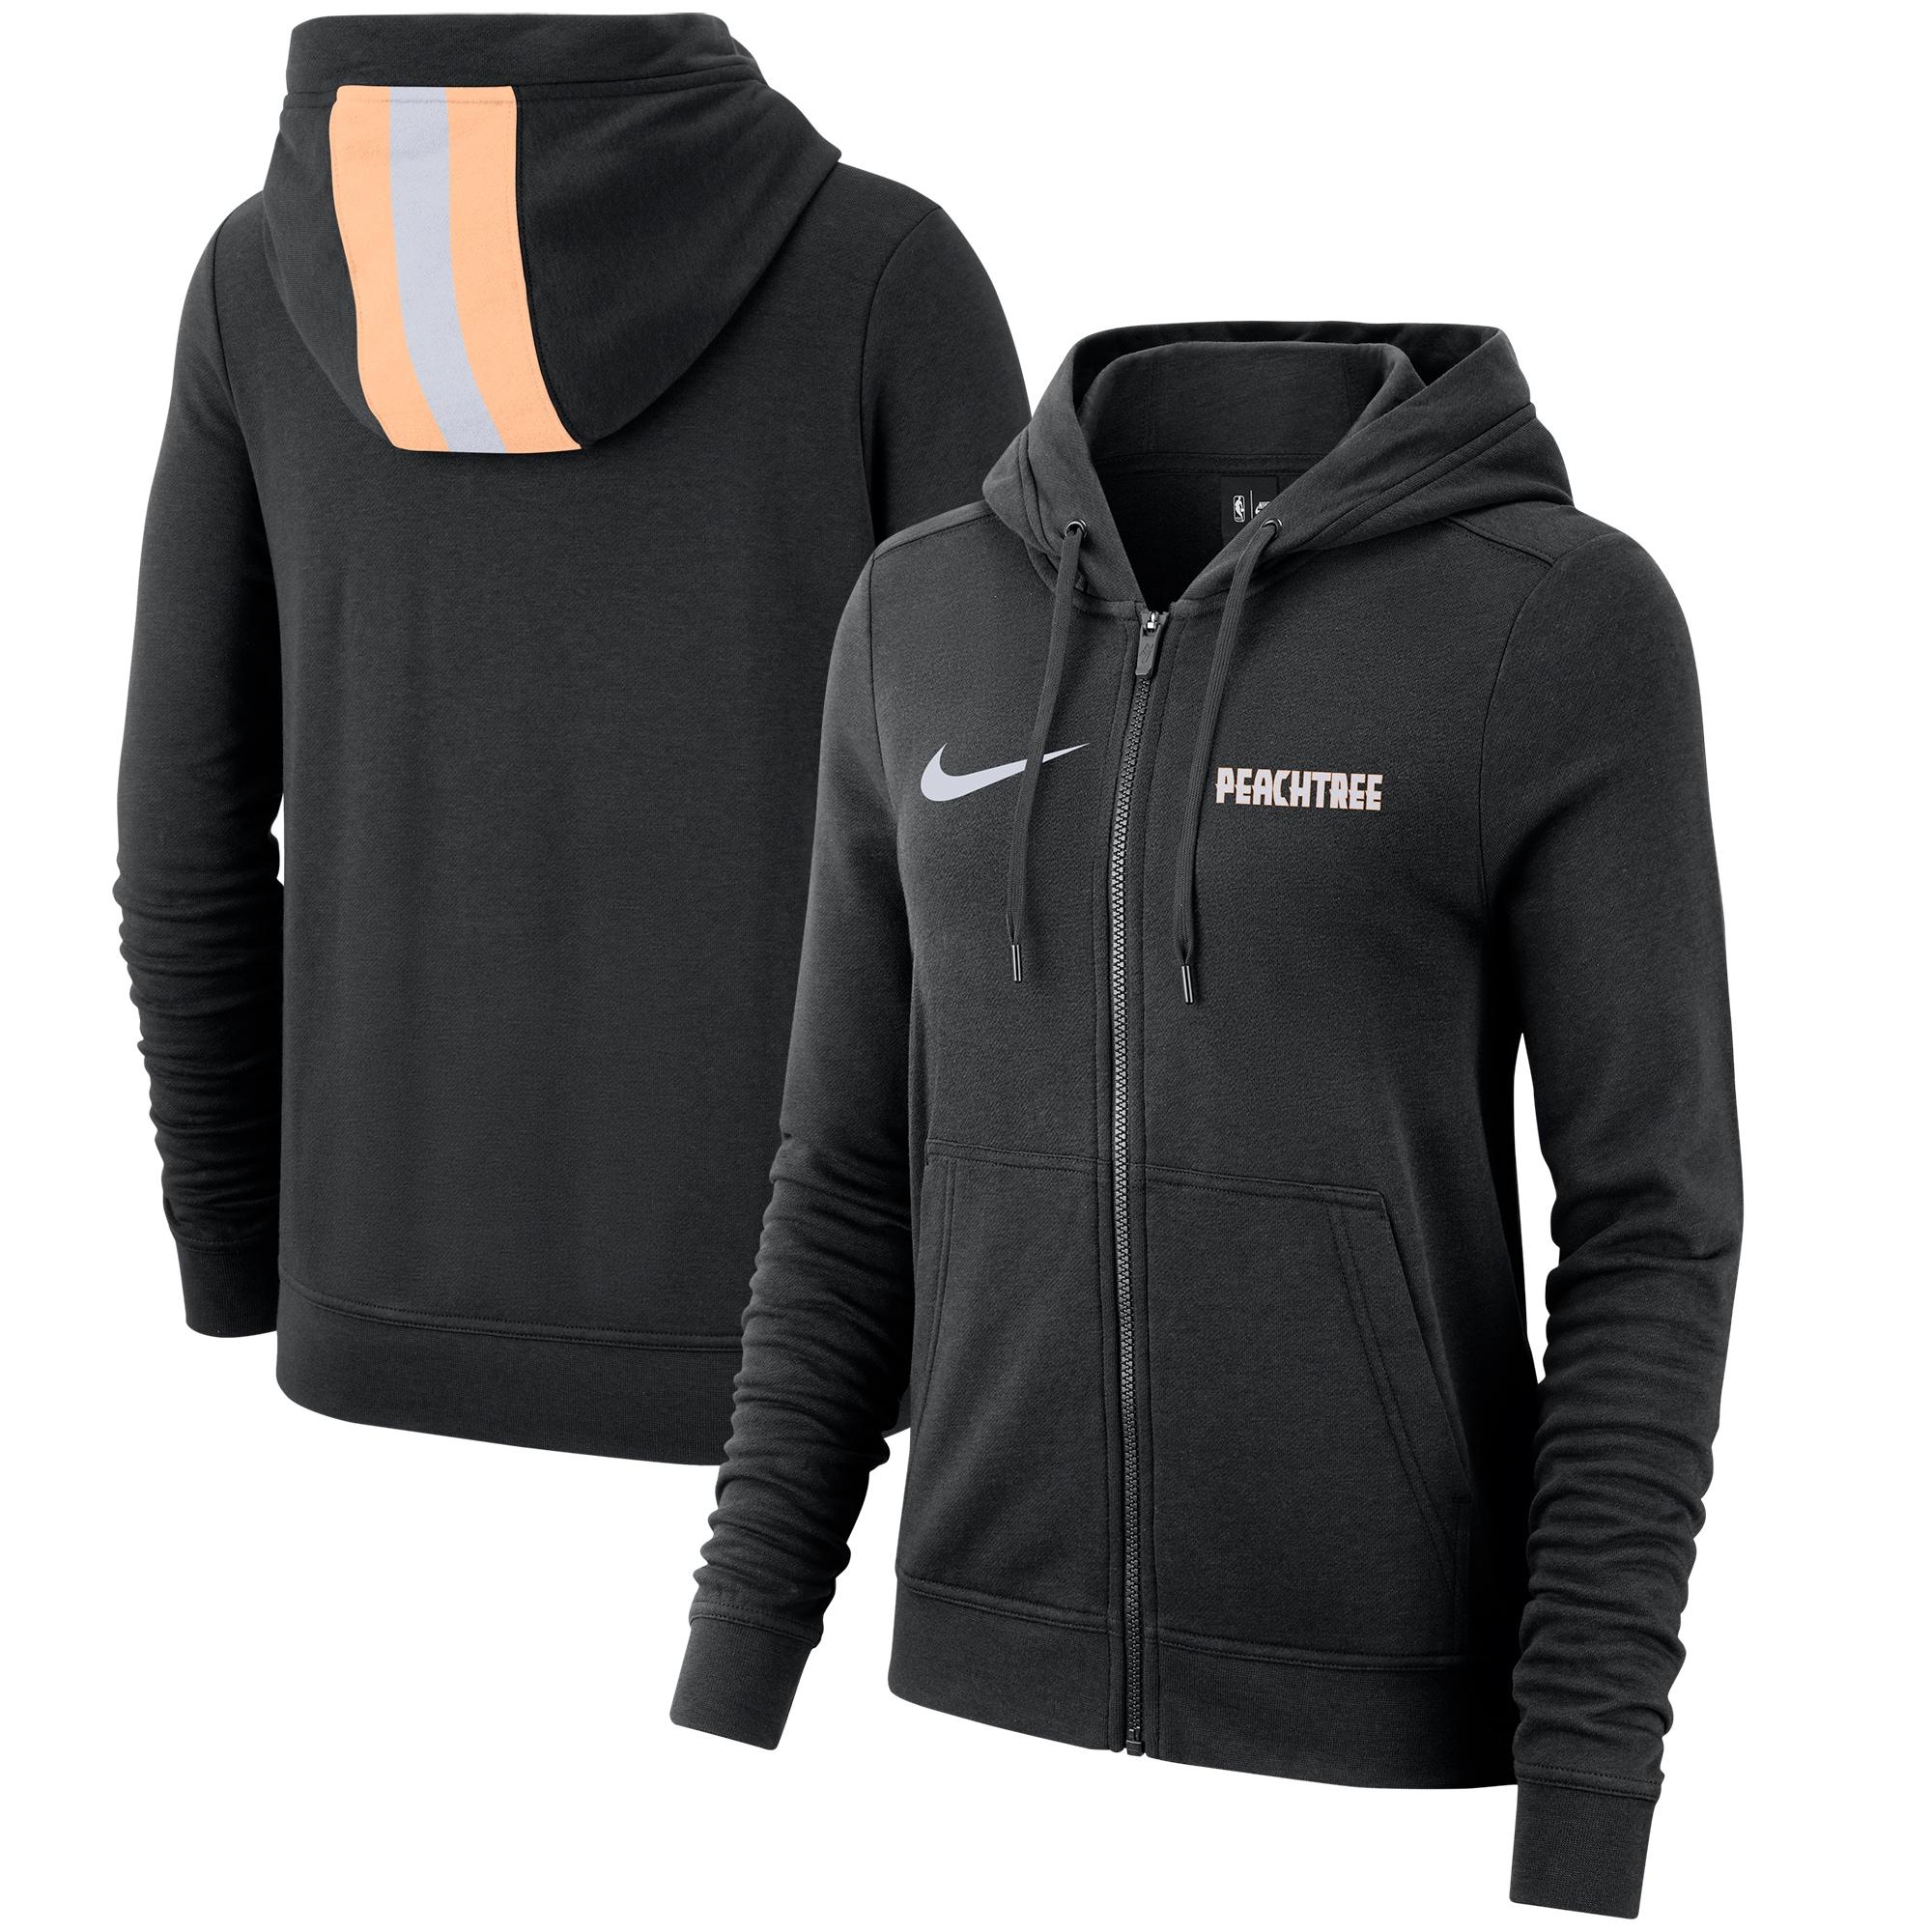 Atlanta Hawks Nike Women's 2019/20 City Edition Full-Zip Hoodie - Black